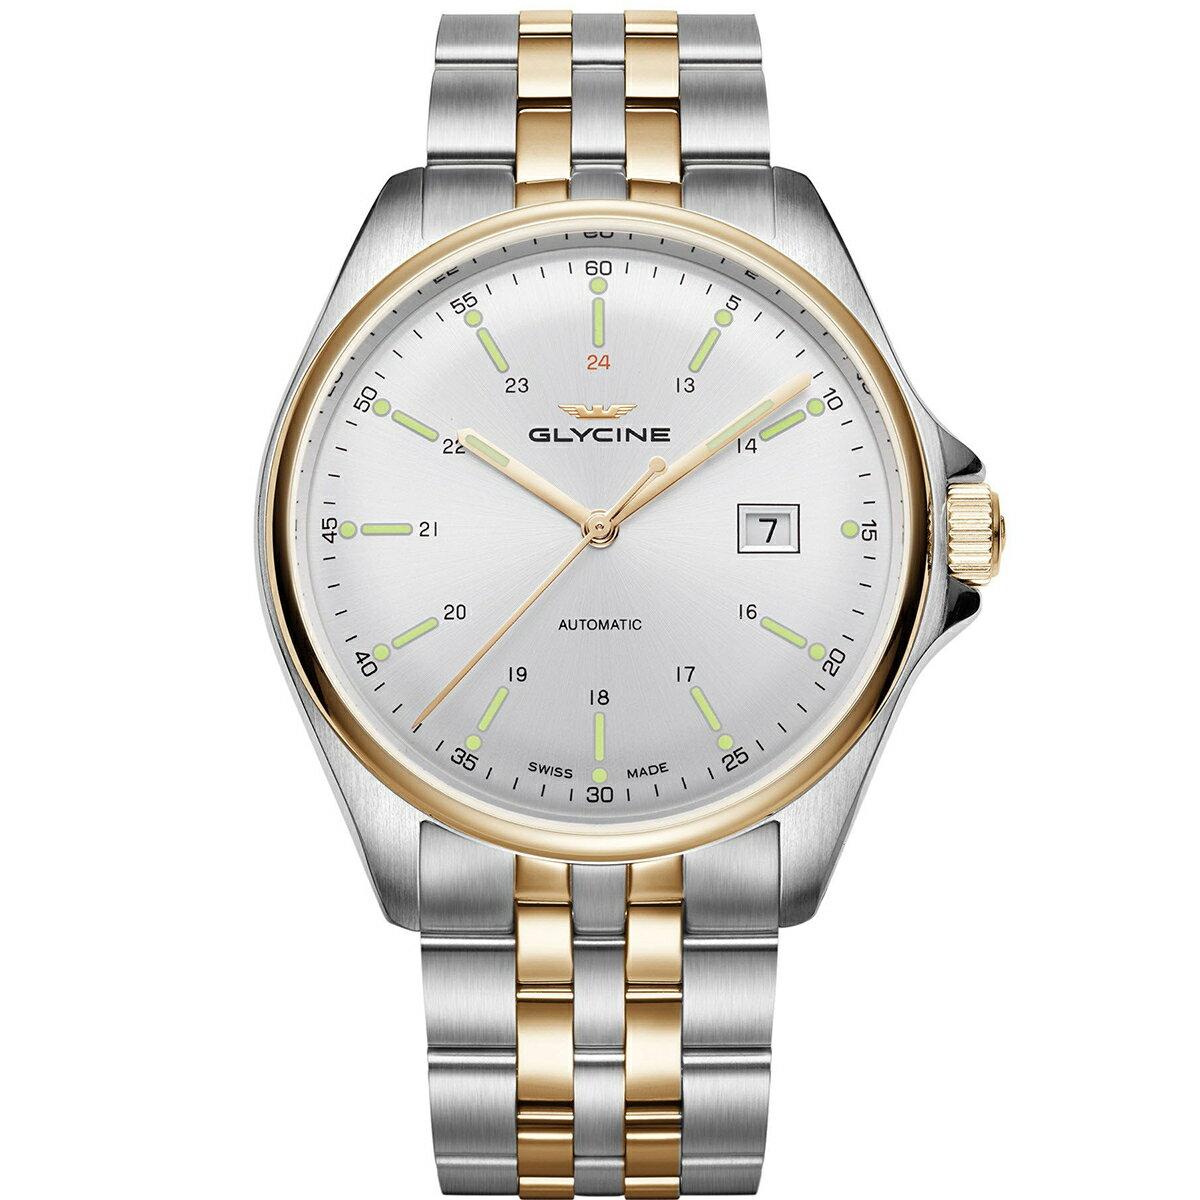 グライシン グリシン GLYCINE コンバット6 クラシック COMBAT 6 CLASSIC 43 GL0104 メンズ 時計 腕時計 自動巻き オートマチック スイス製 スイスメイド パイロット